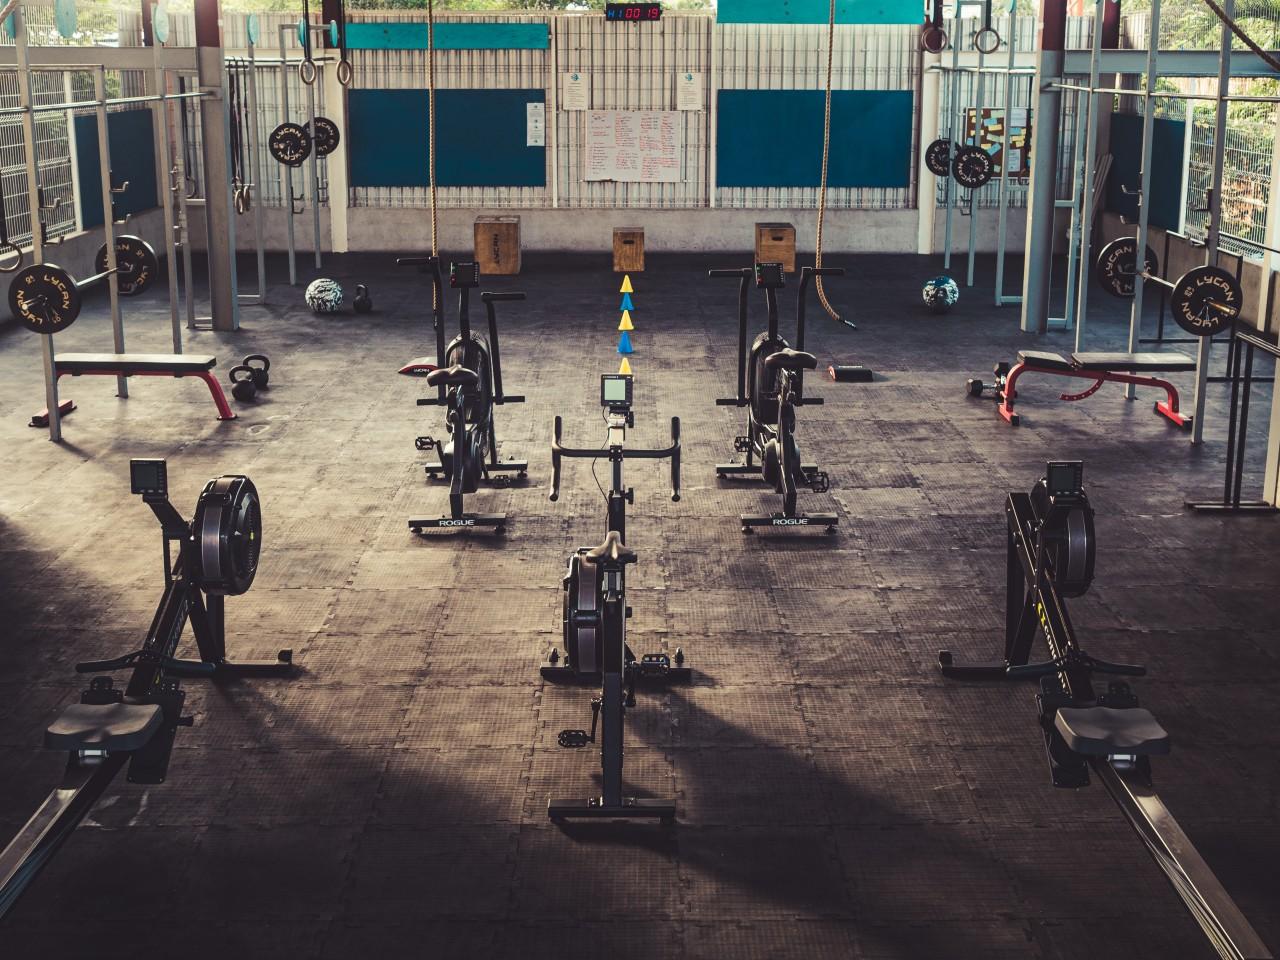 Gym facilities in Tulum